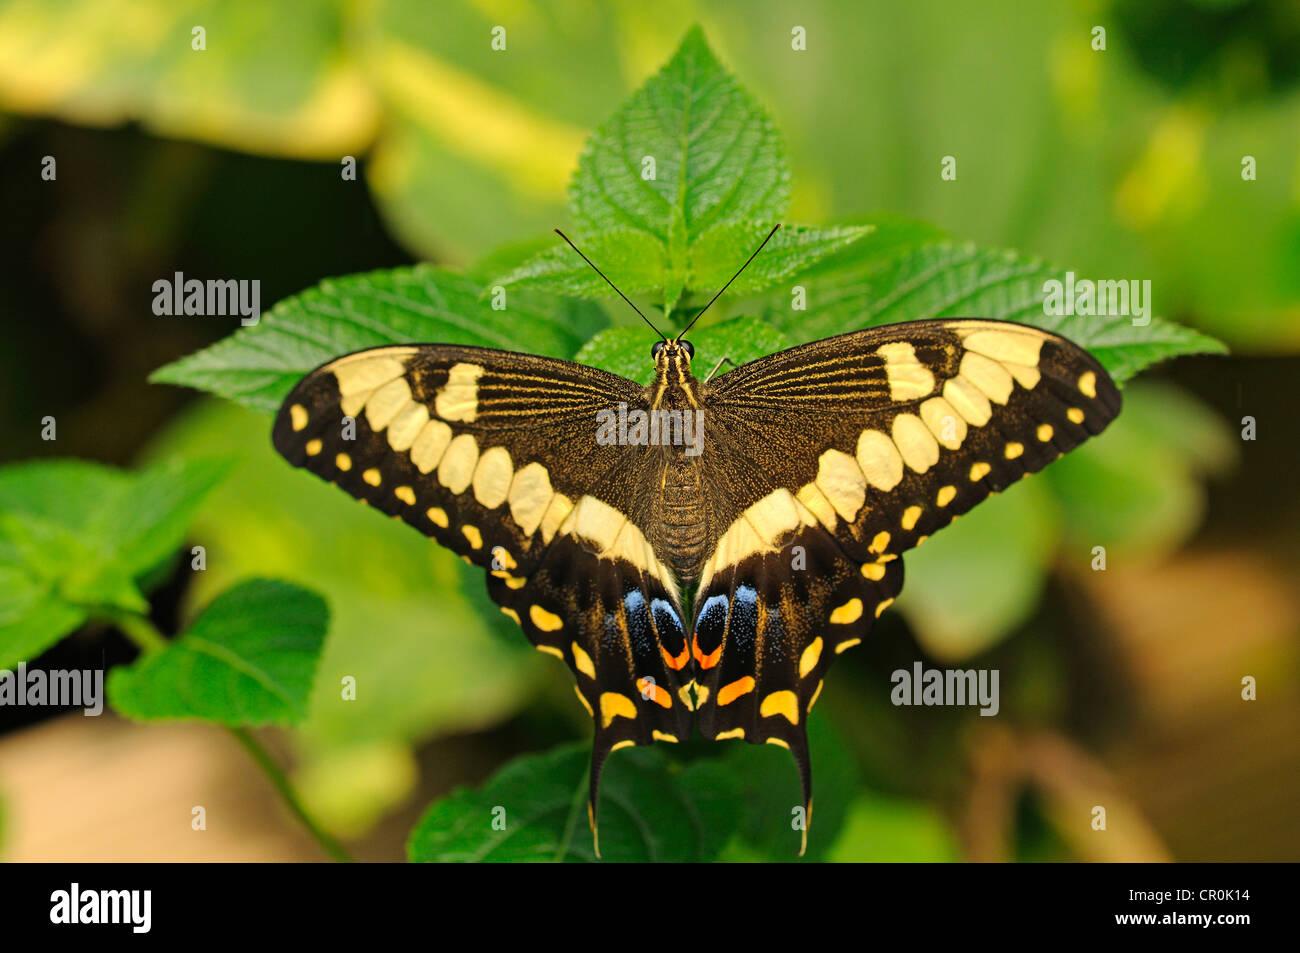 Calce comune farfalla o a coda di rondine di agrumi (Papilio demoleus), farfalle tropicali, Australia Immagini Stock